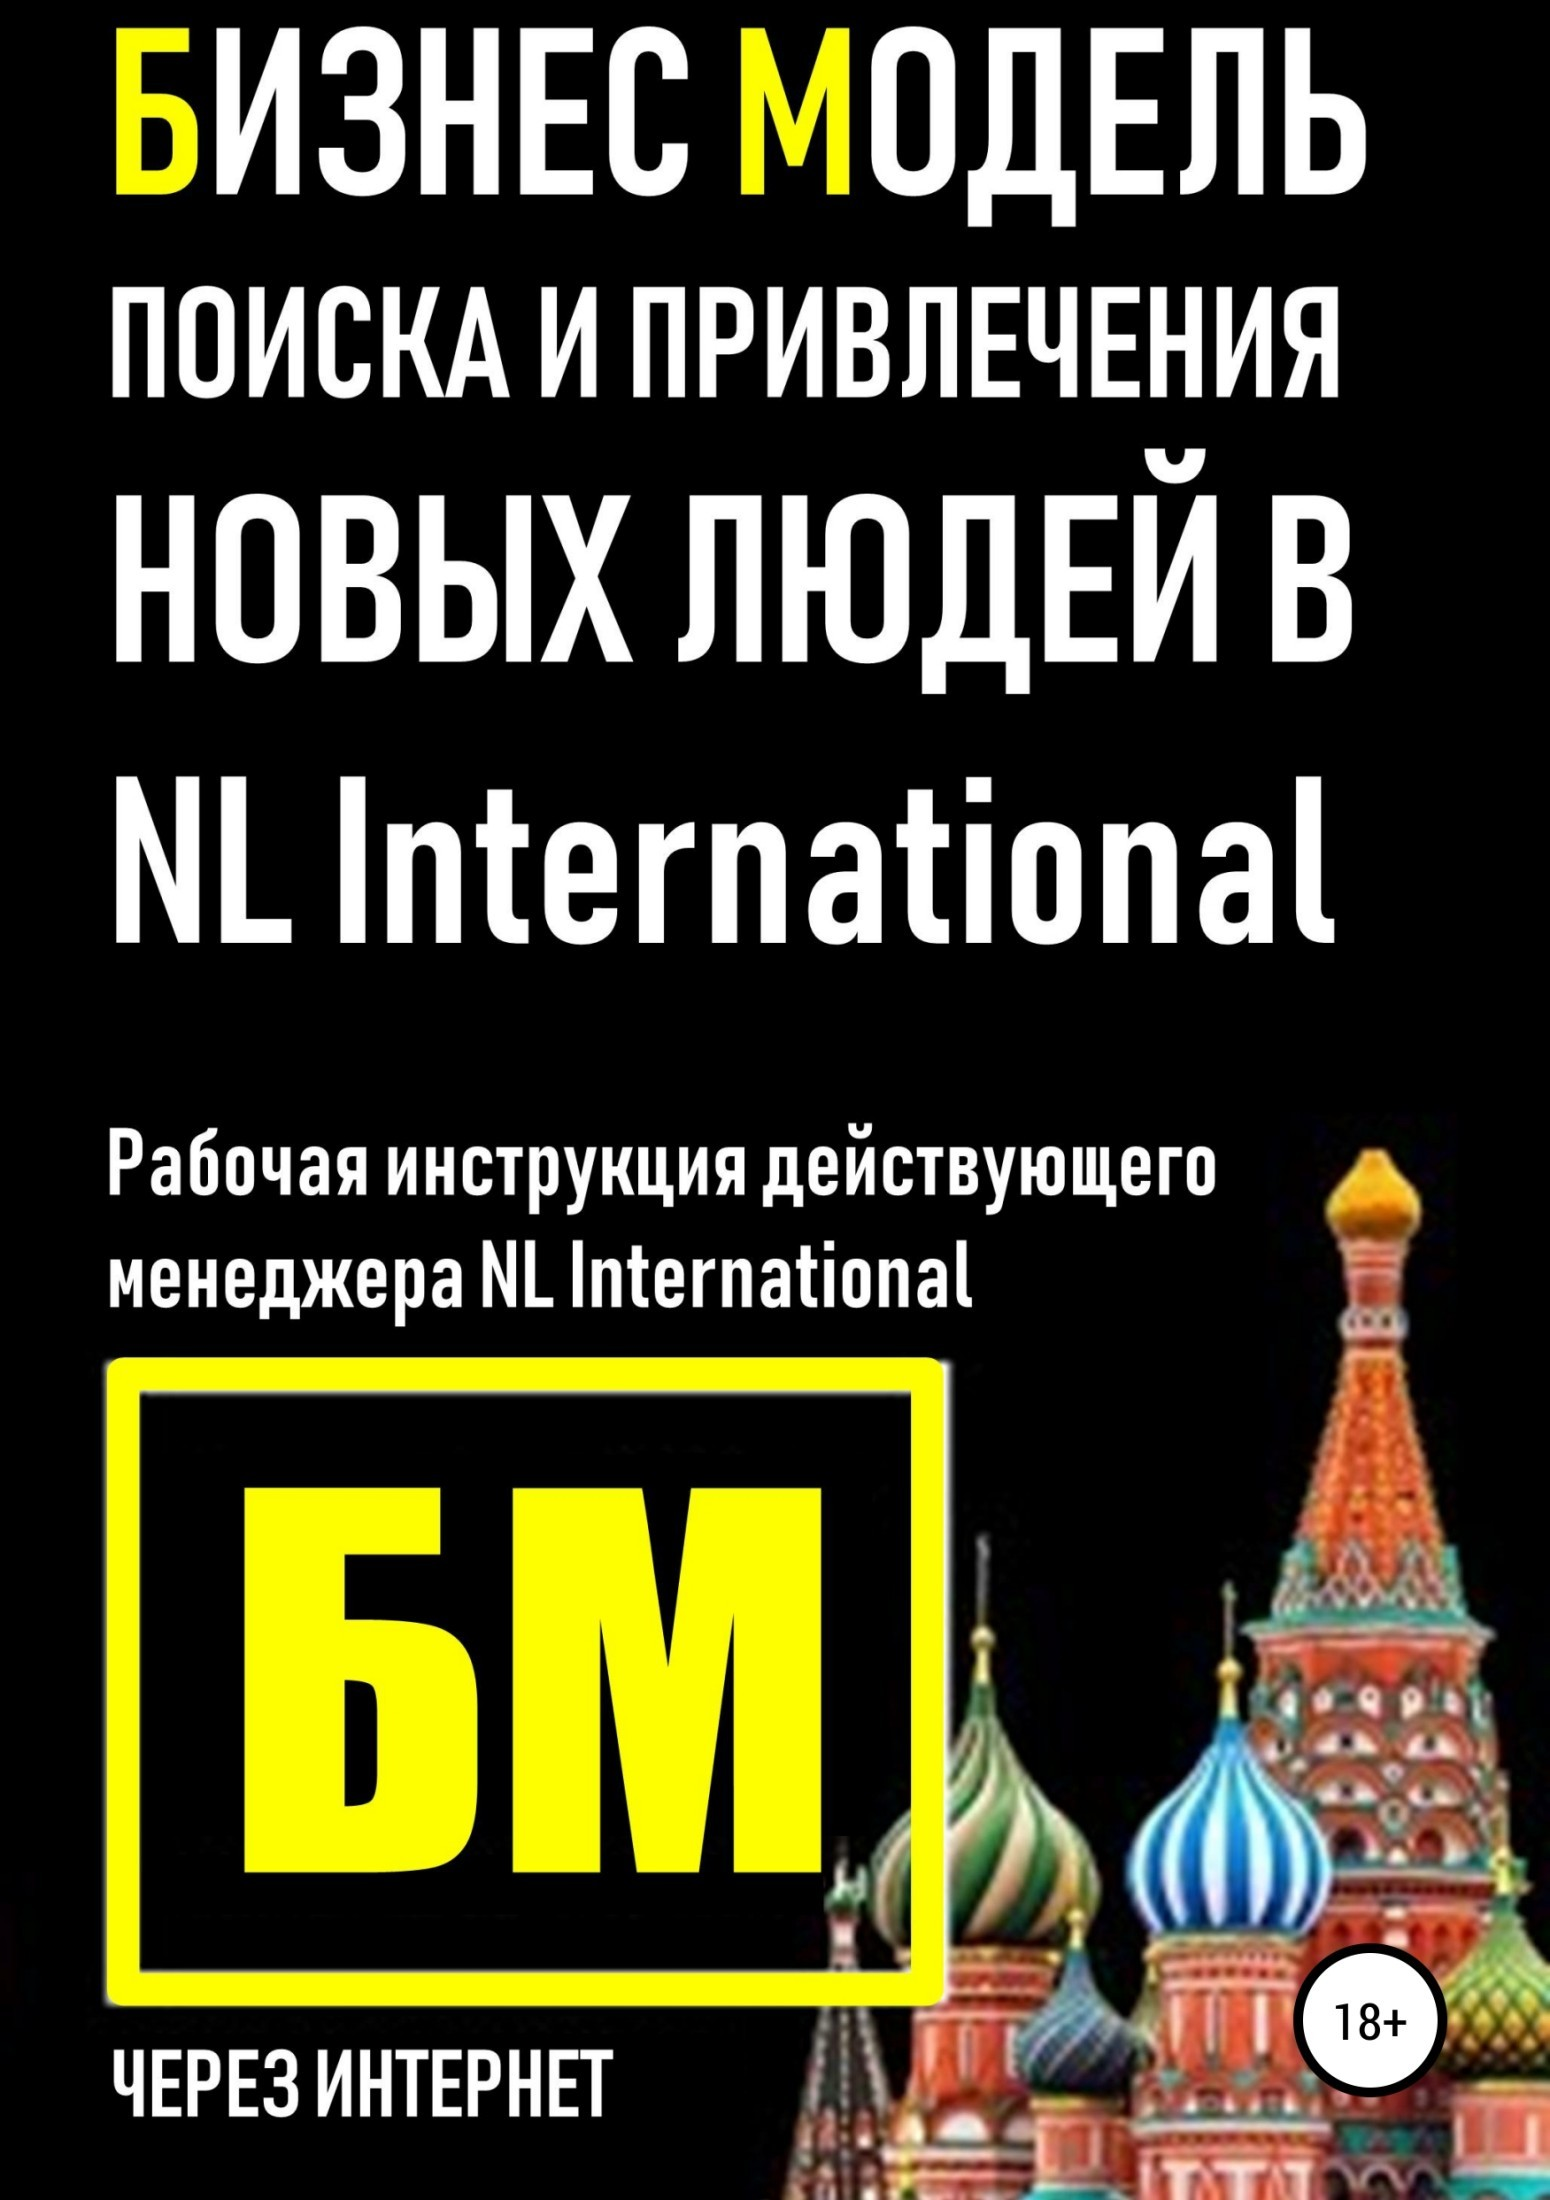 Обложка книги. Автор - Владислав Марясов